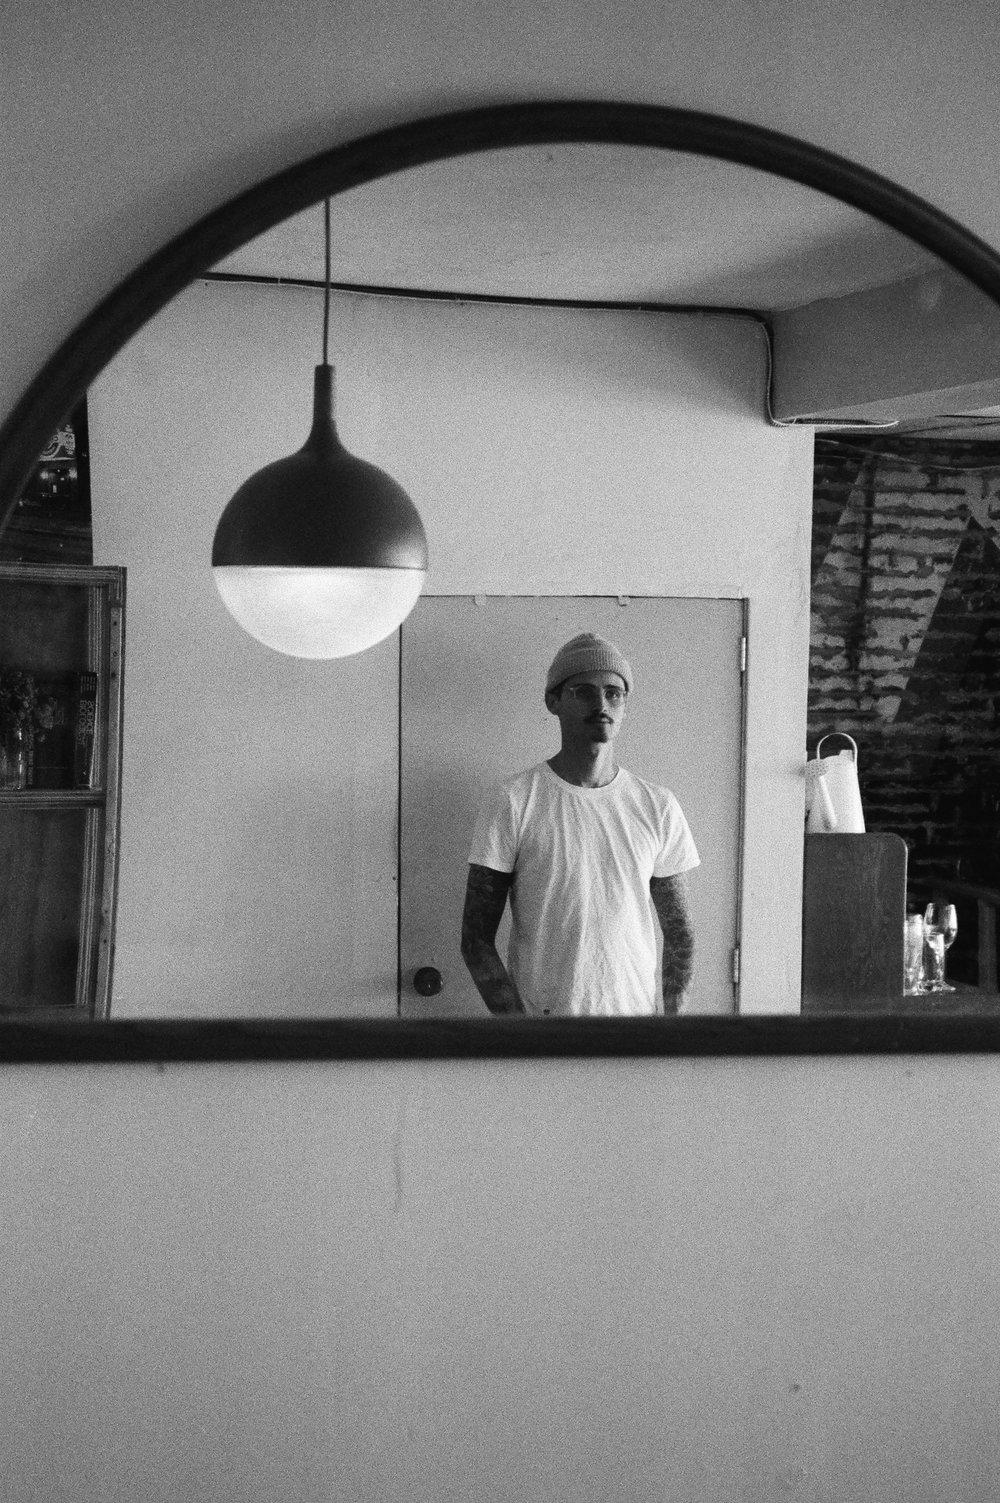 Leica-02-6.jpg